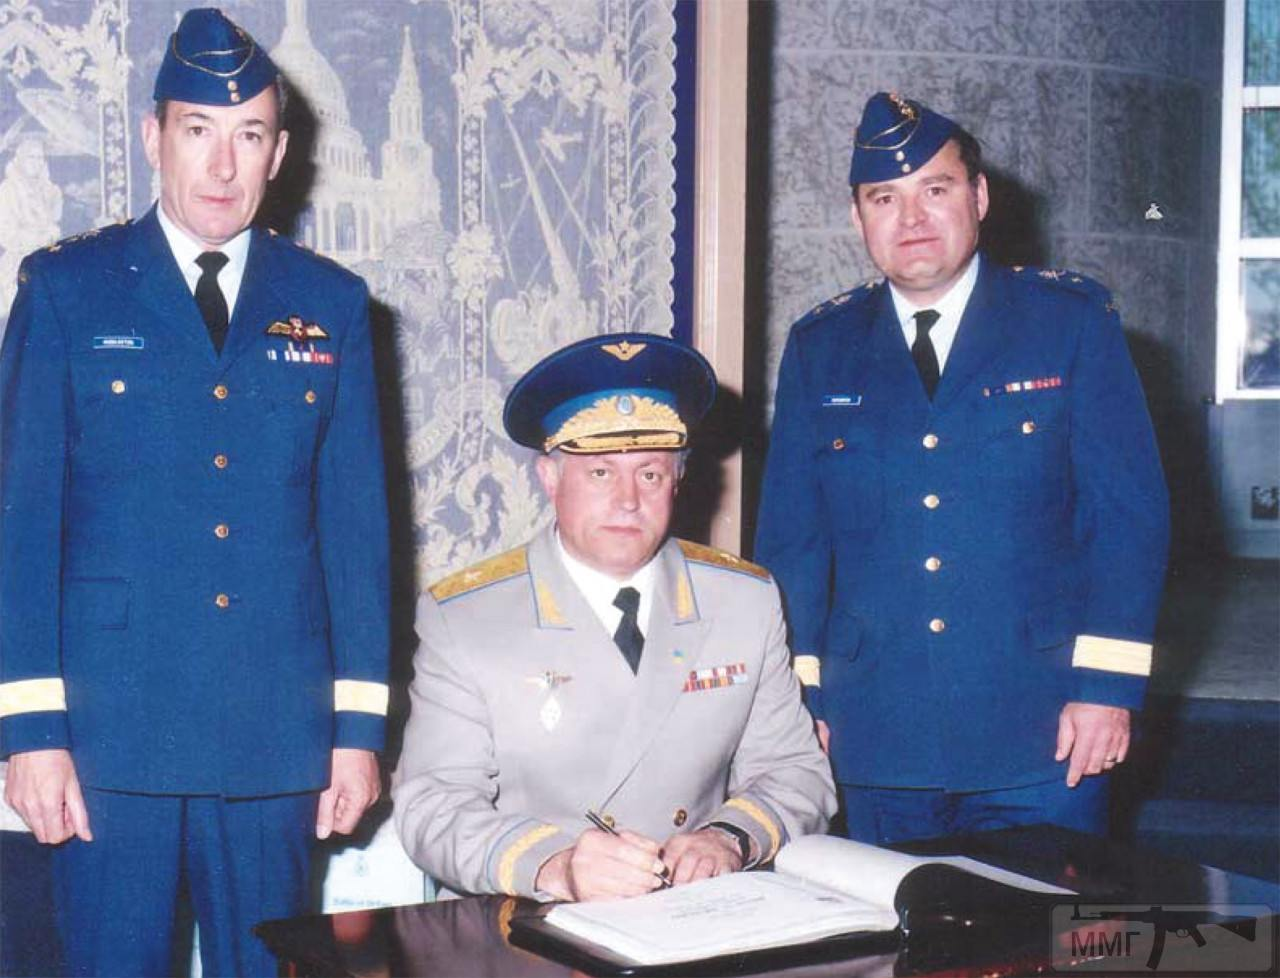 101073 - Воздушные Силы Вооруженных Сил Украины